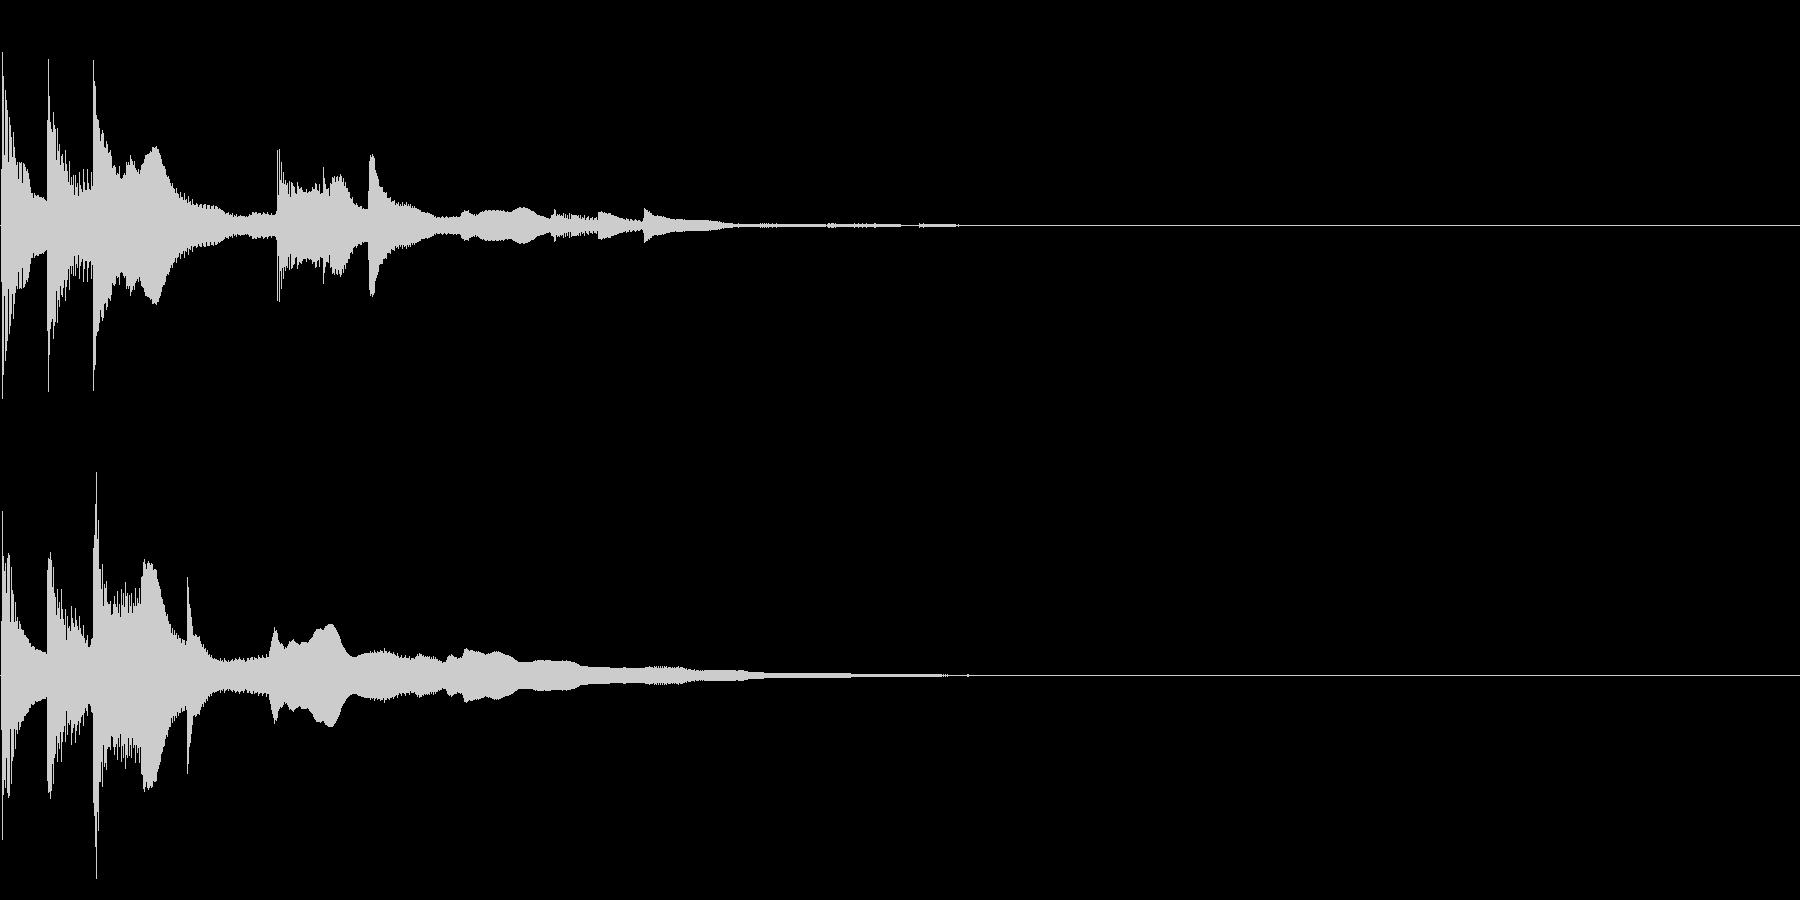 パラランウンララ…(アイキャッチ)の未再生の波形